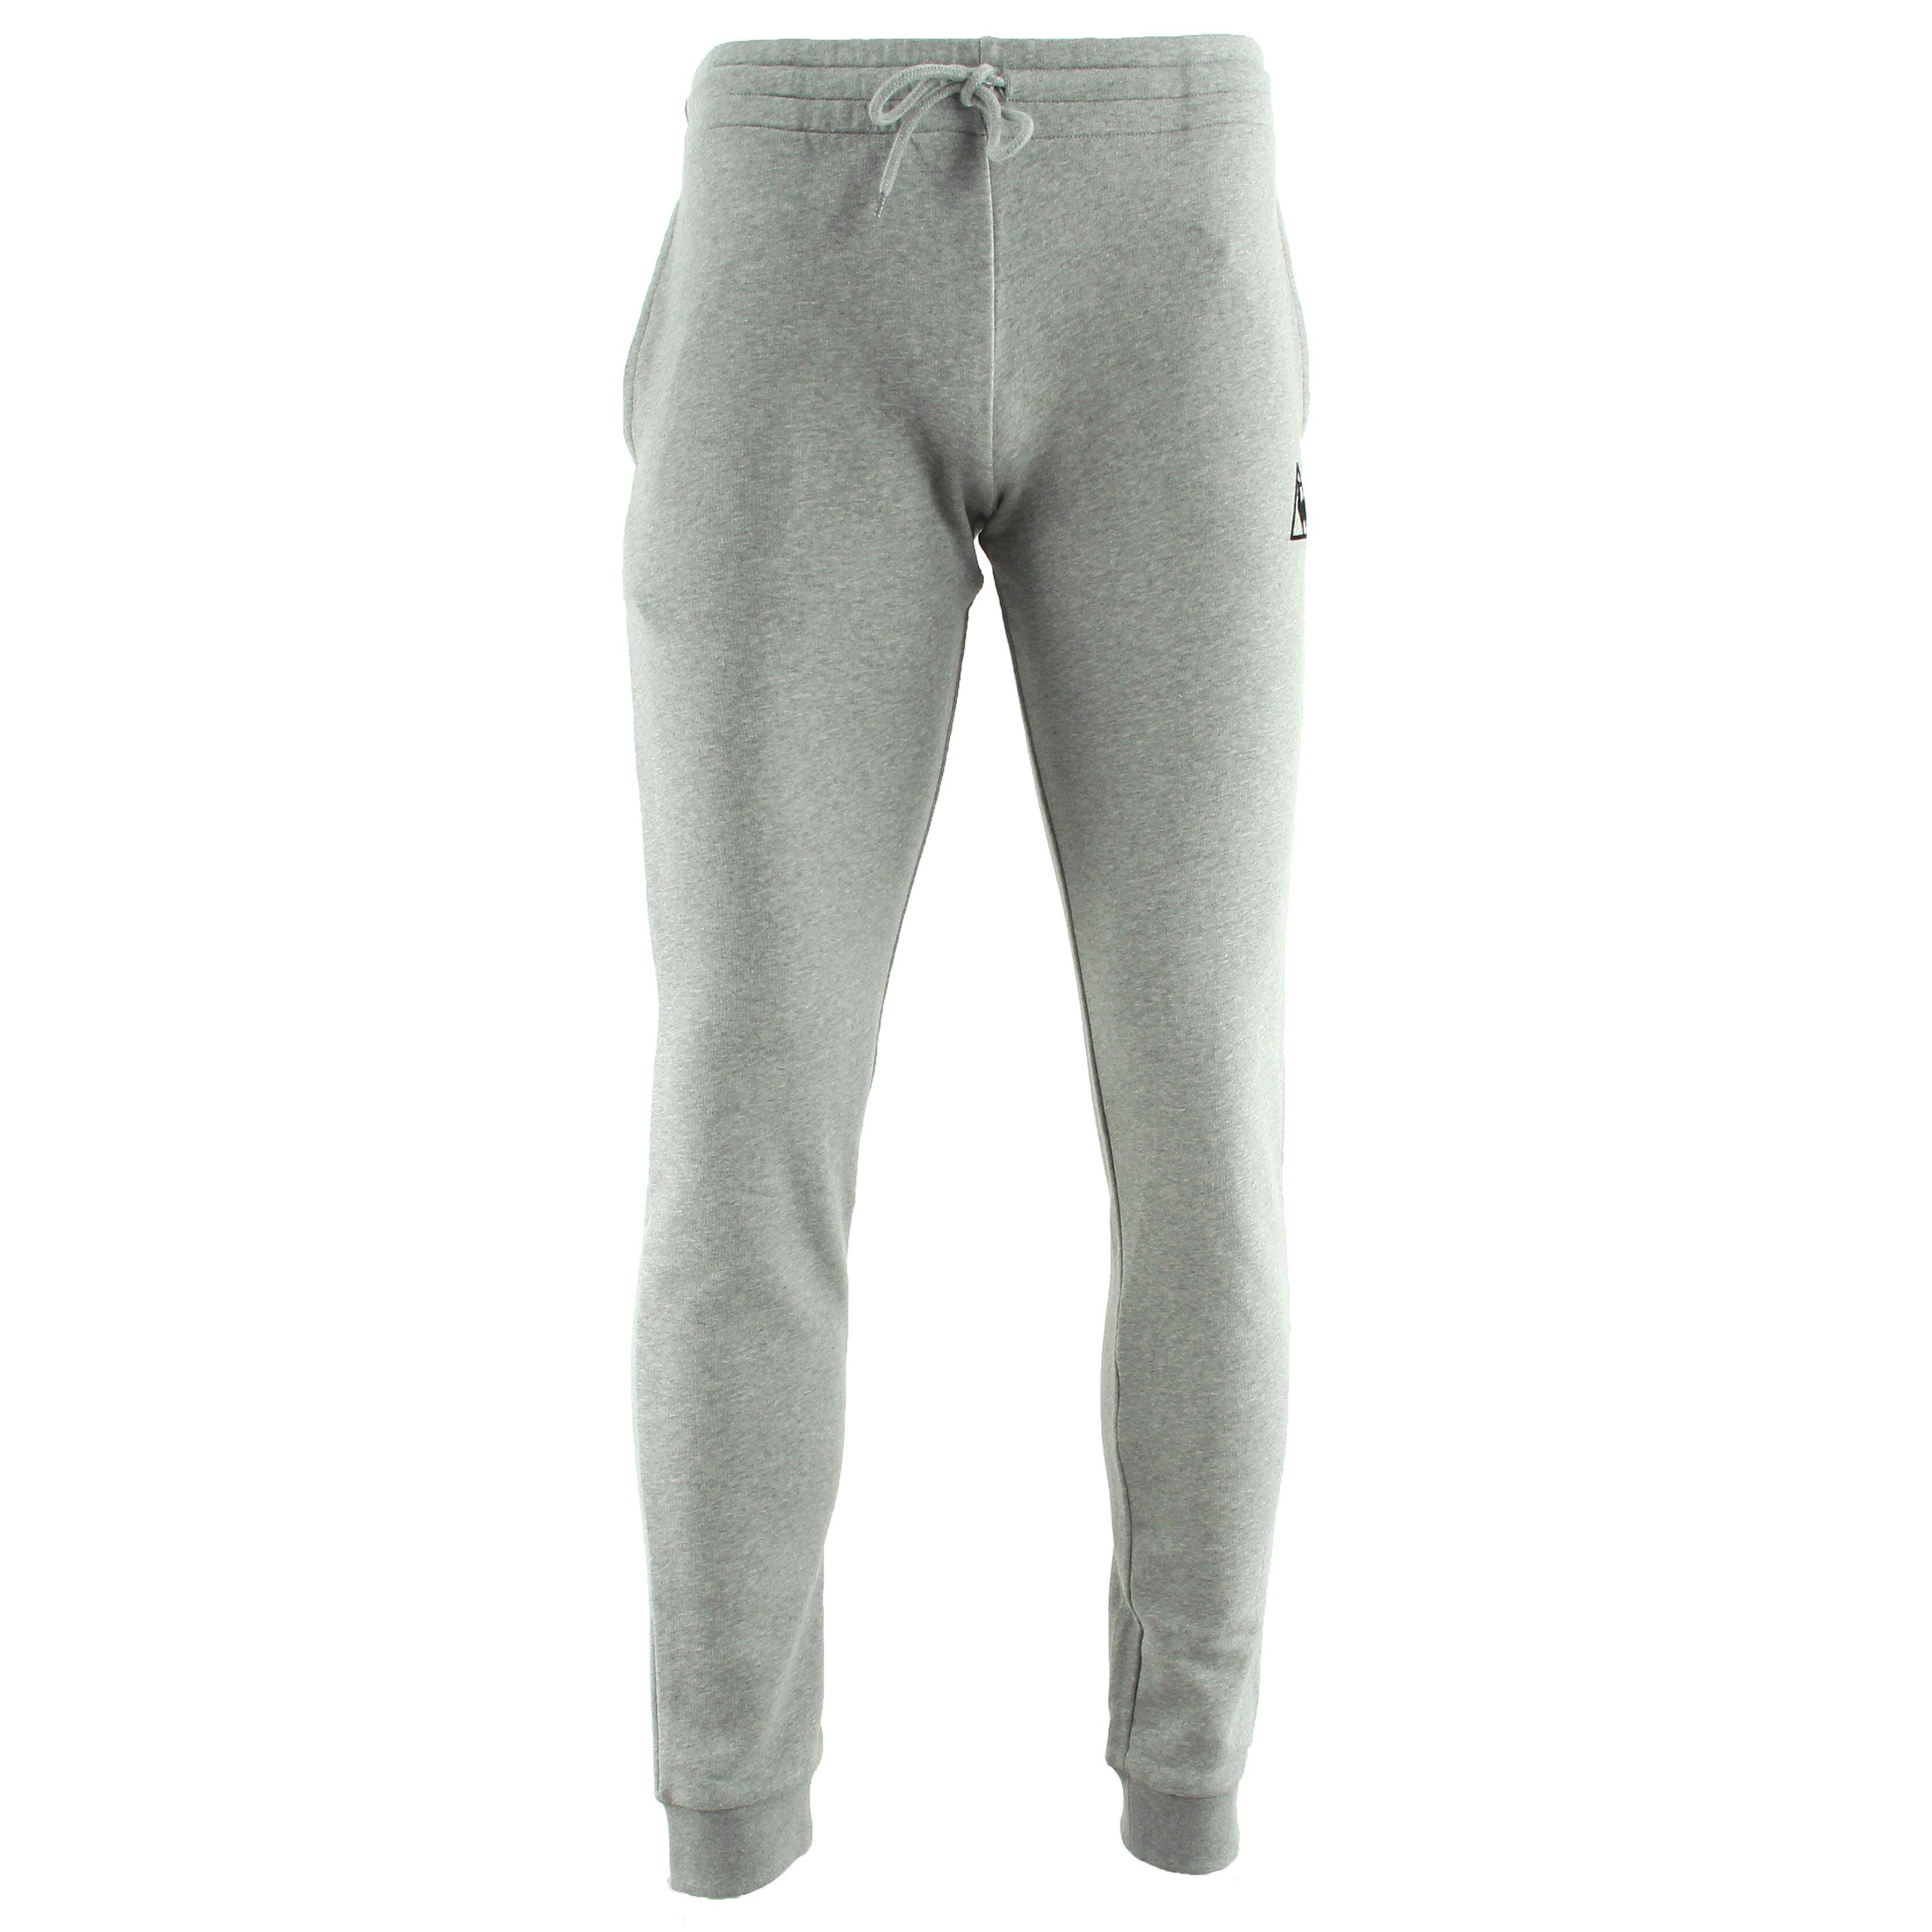 pantalon coq sportif homme or